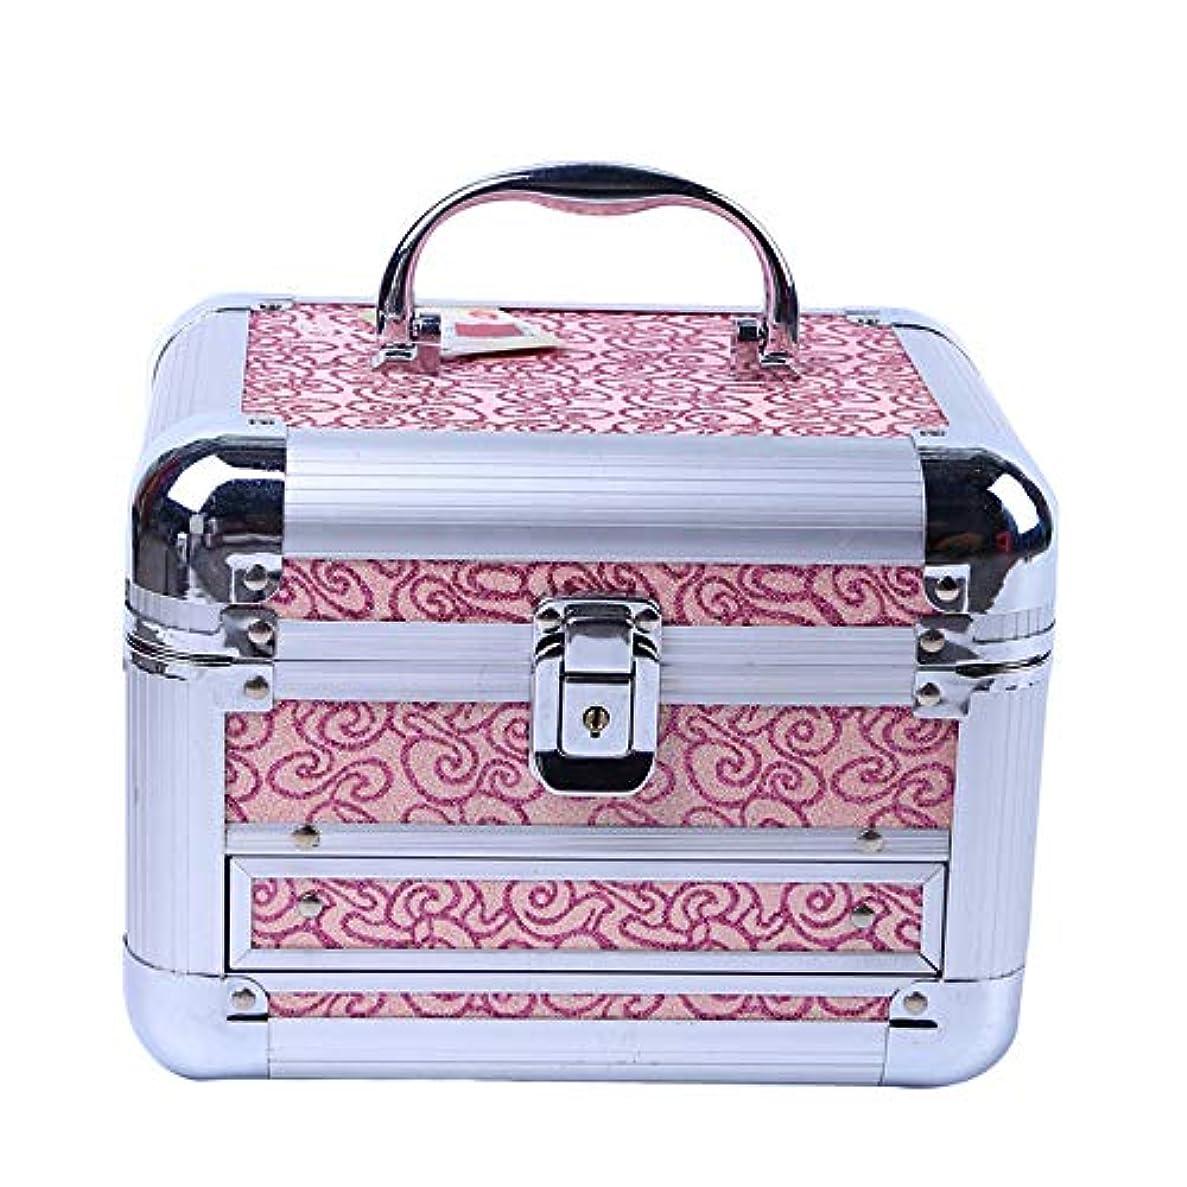 瀬戸際かわすオートマトン化粧オーガナイザーバッグ 美容メイクアップのための大容量ポータブル化粧ケース、女子女性のための化粧鏡と折り畳みトレイと旅行と毎日のストレージ 化粧品ケース